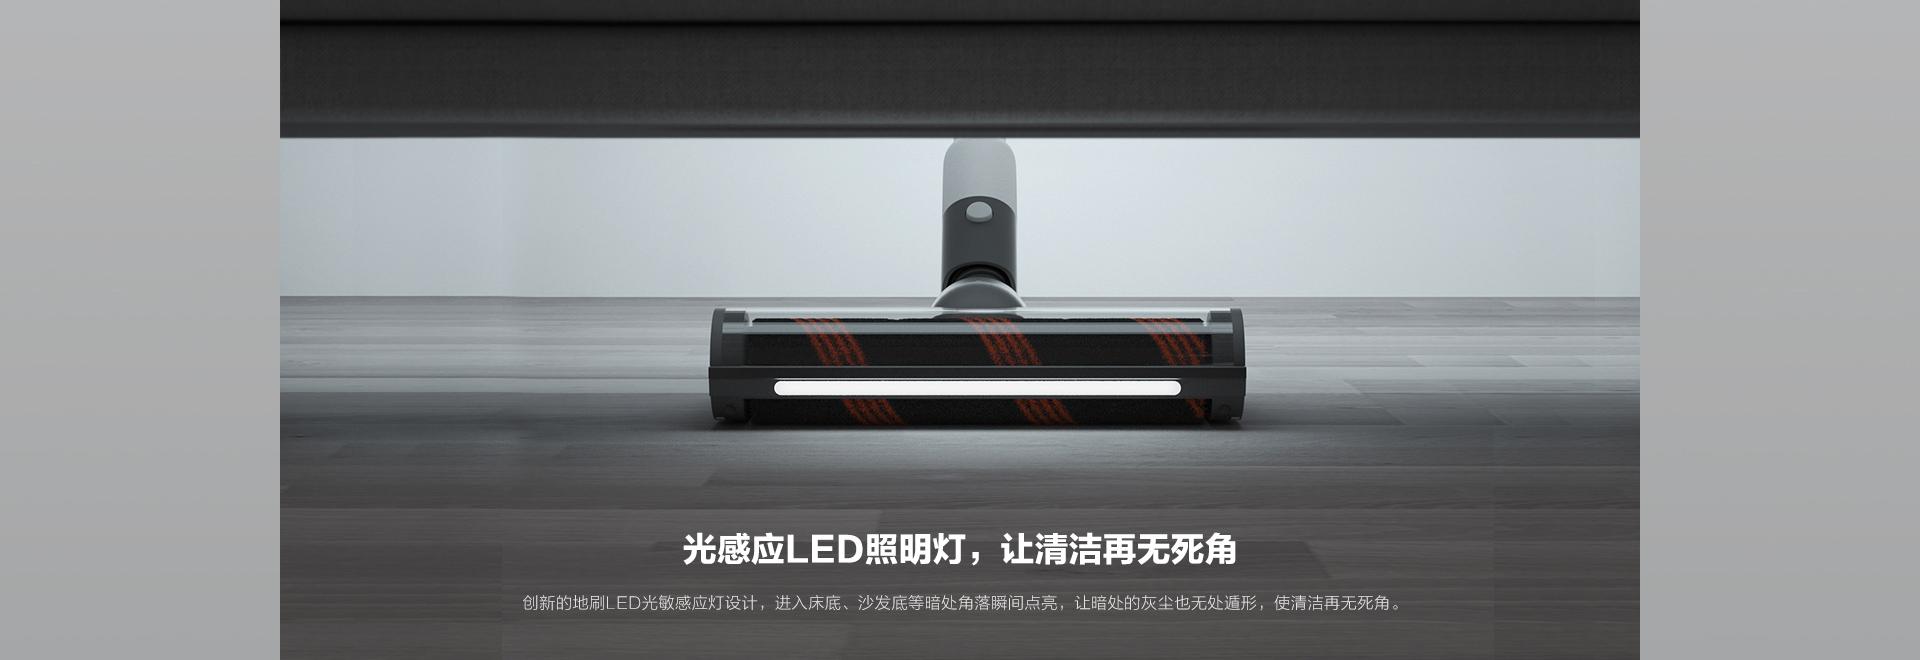 睿米手持无线吸尘器使用了光感应LED照明灯,让清洁再无死角